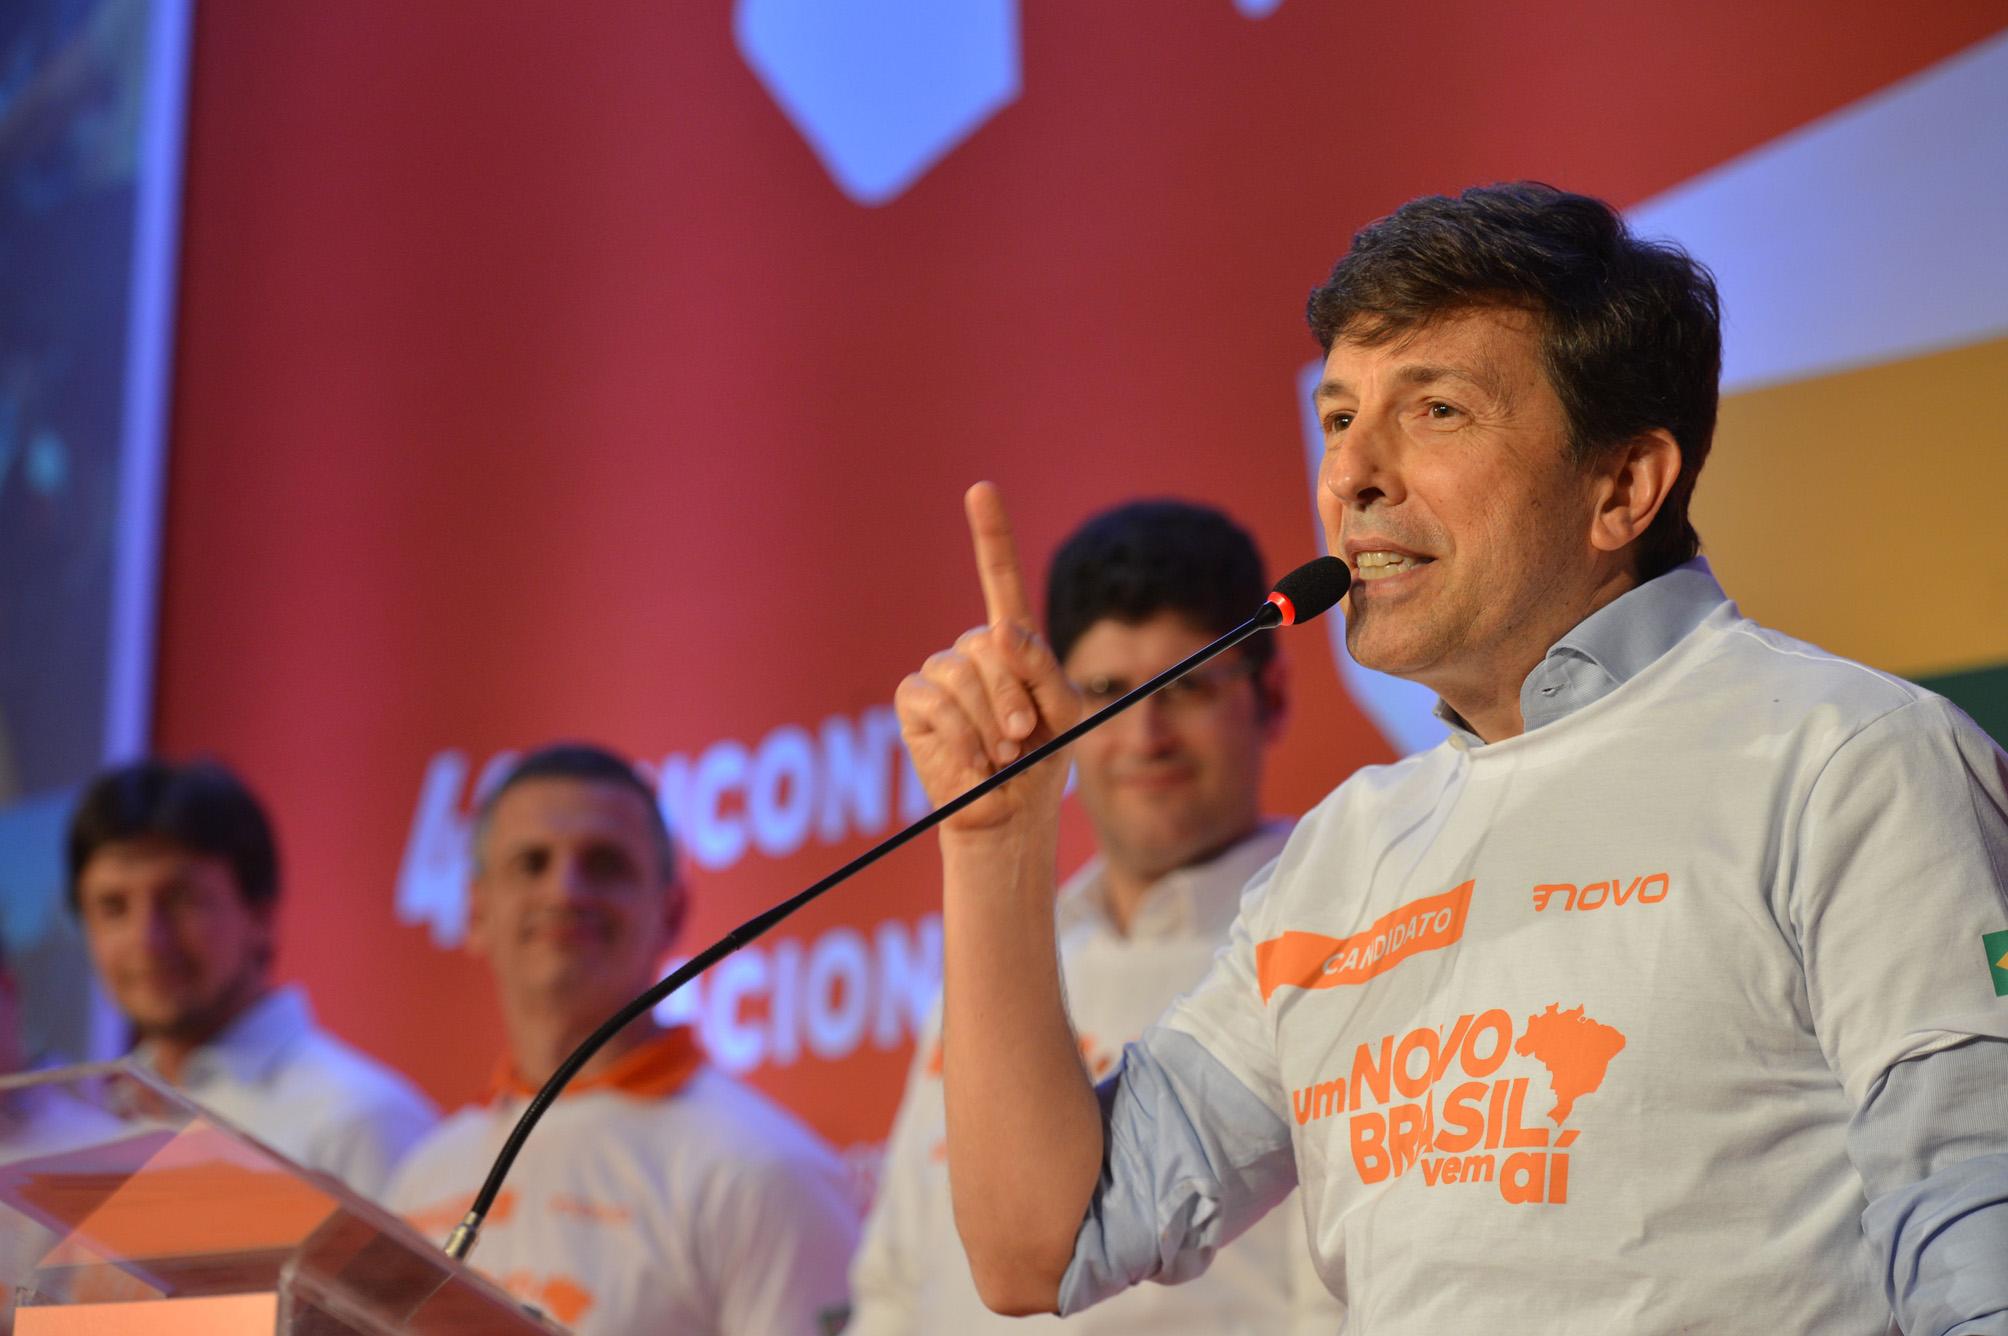 """Considerado """"nanico"""", João Amoêdo ultrapassa candidatos tradicionais"""